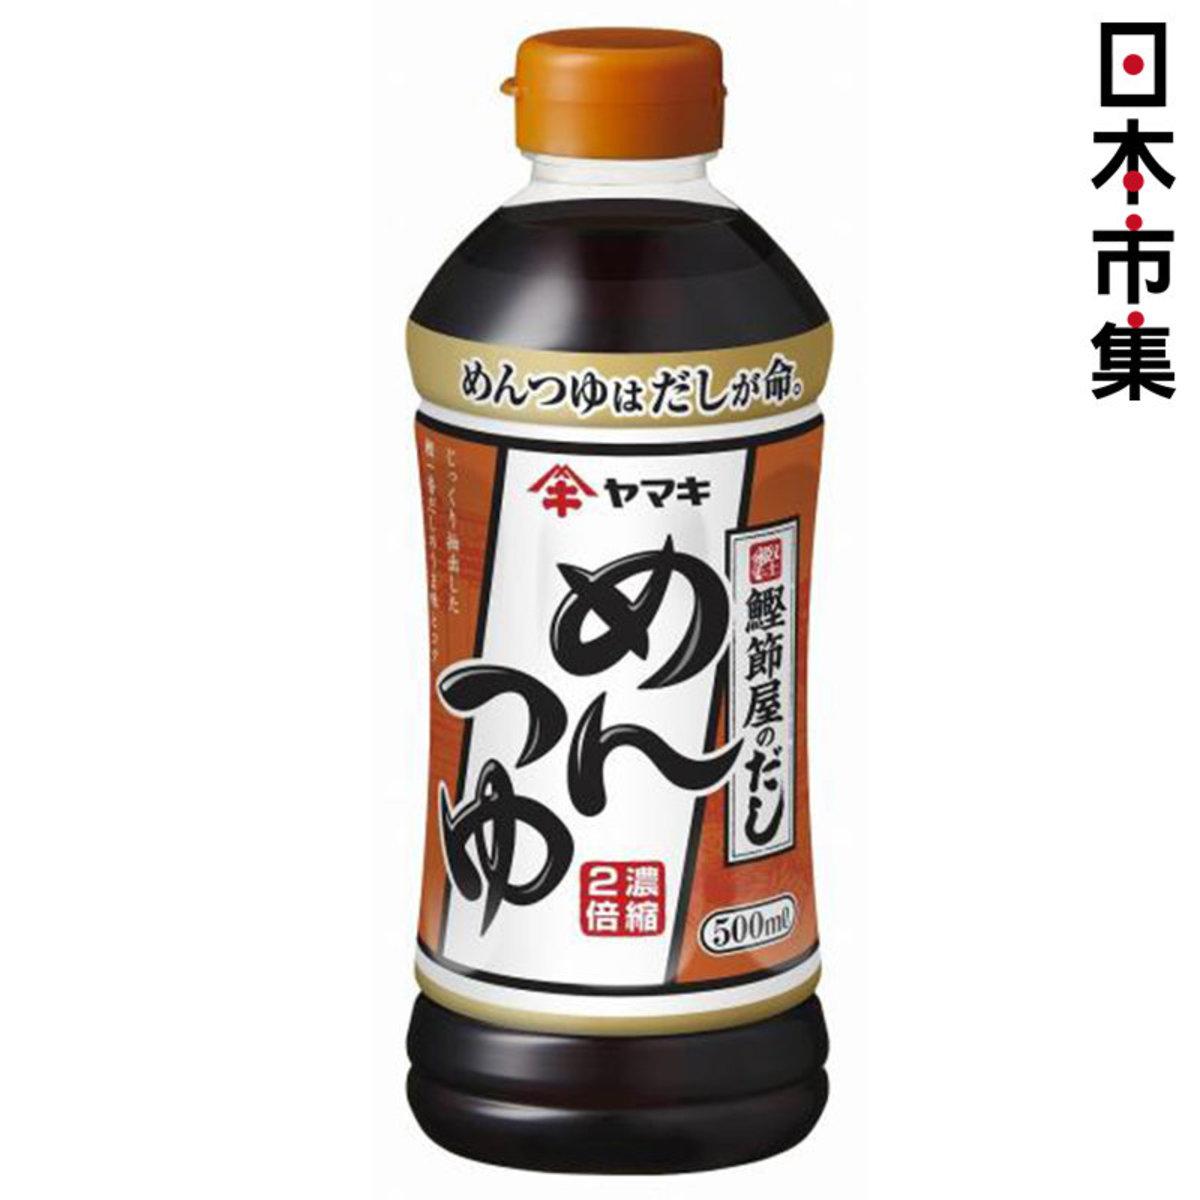 日版鰹節屋 2倍濃縮鰹魚醬油 500ml【市集世界 - MOAN】